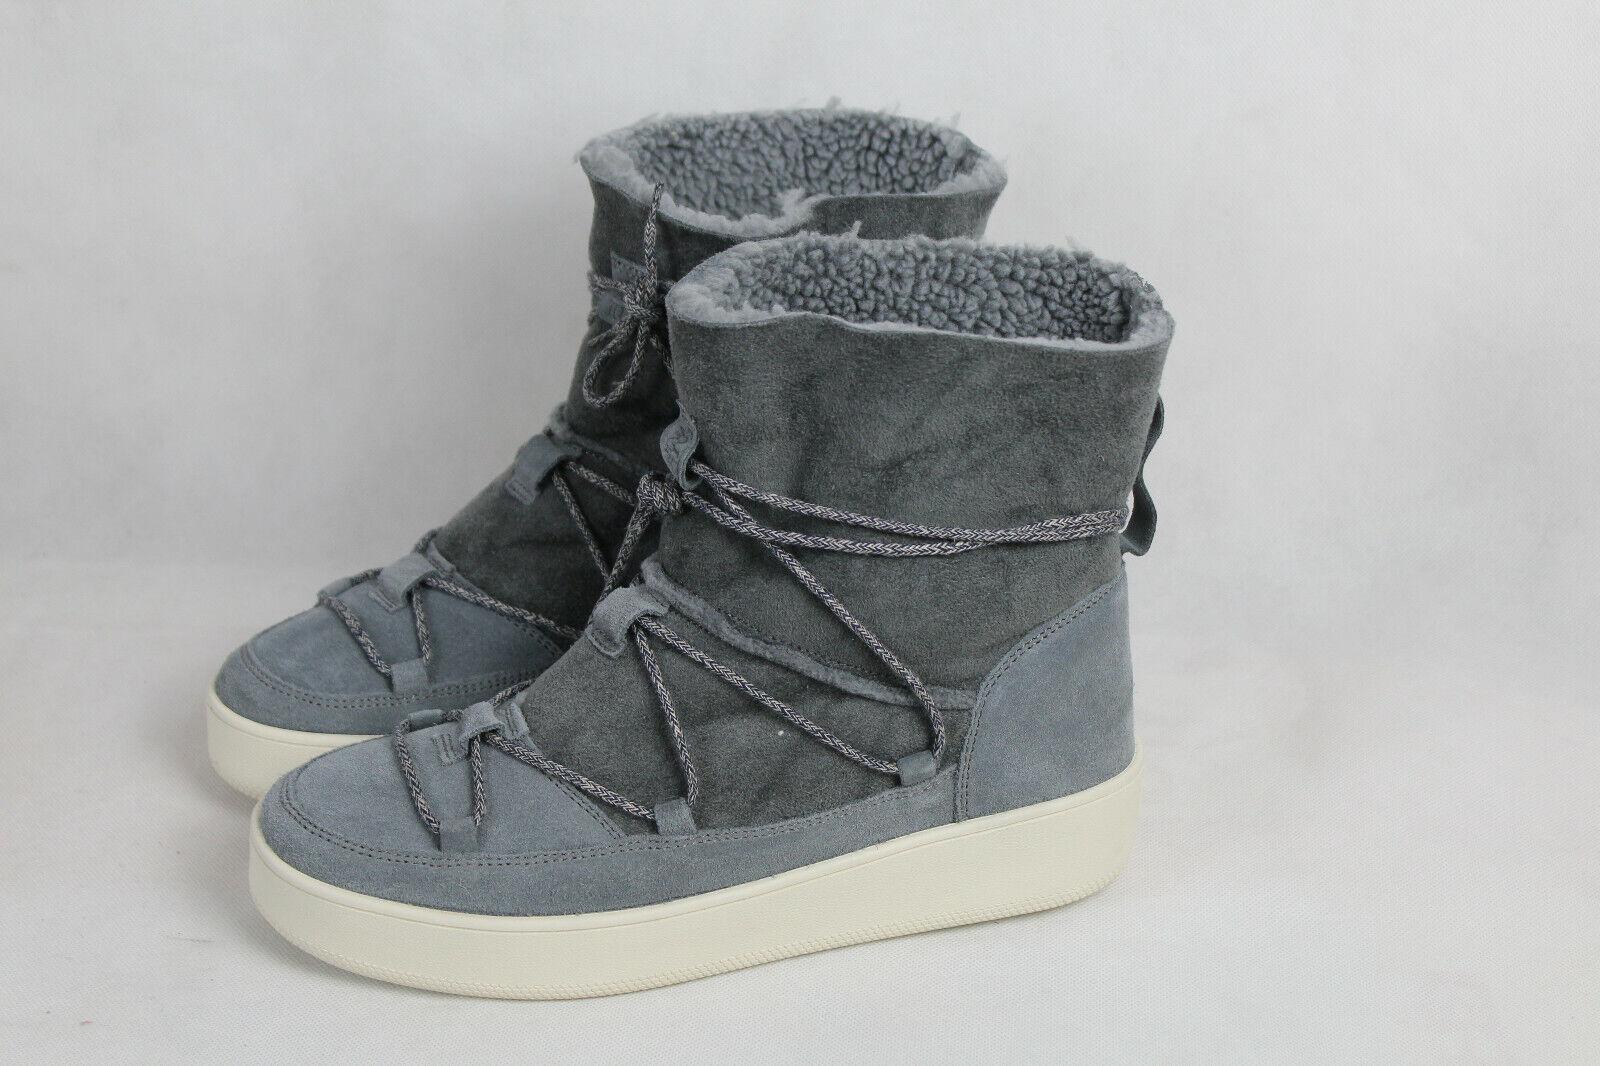 Napapijri zapatos botines botas señora, neu, LP